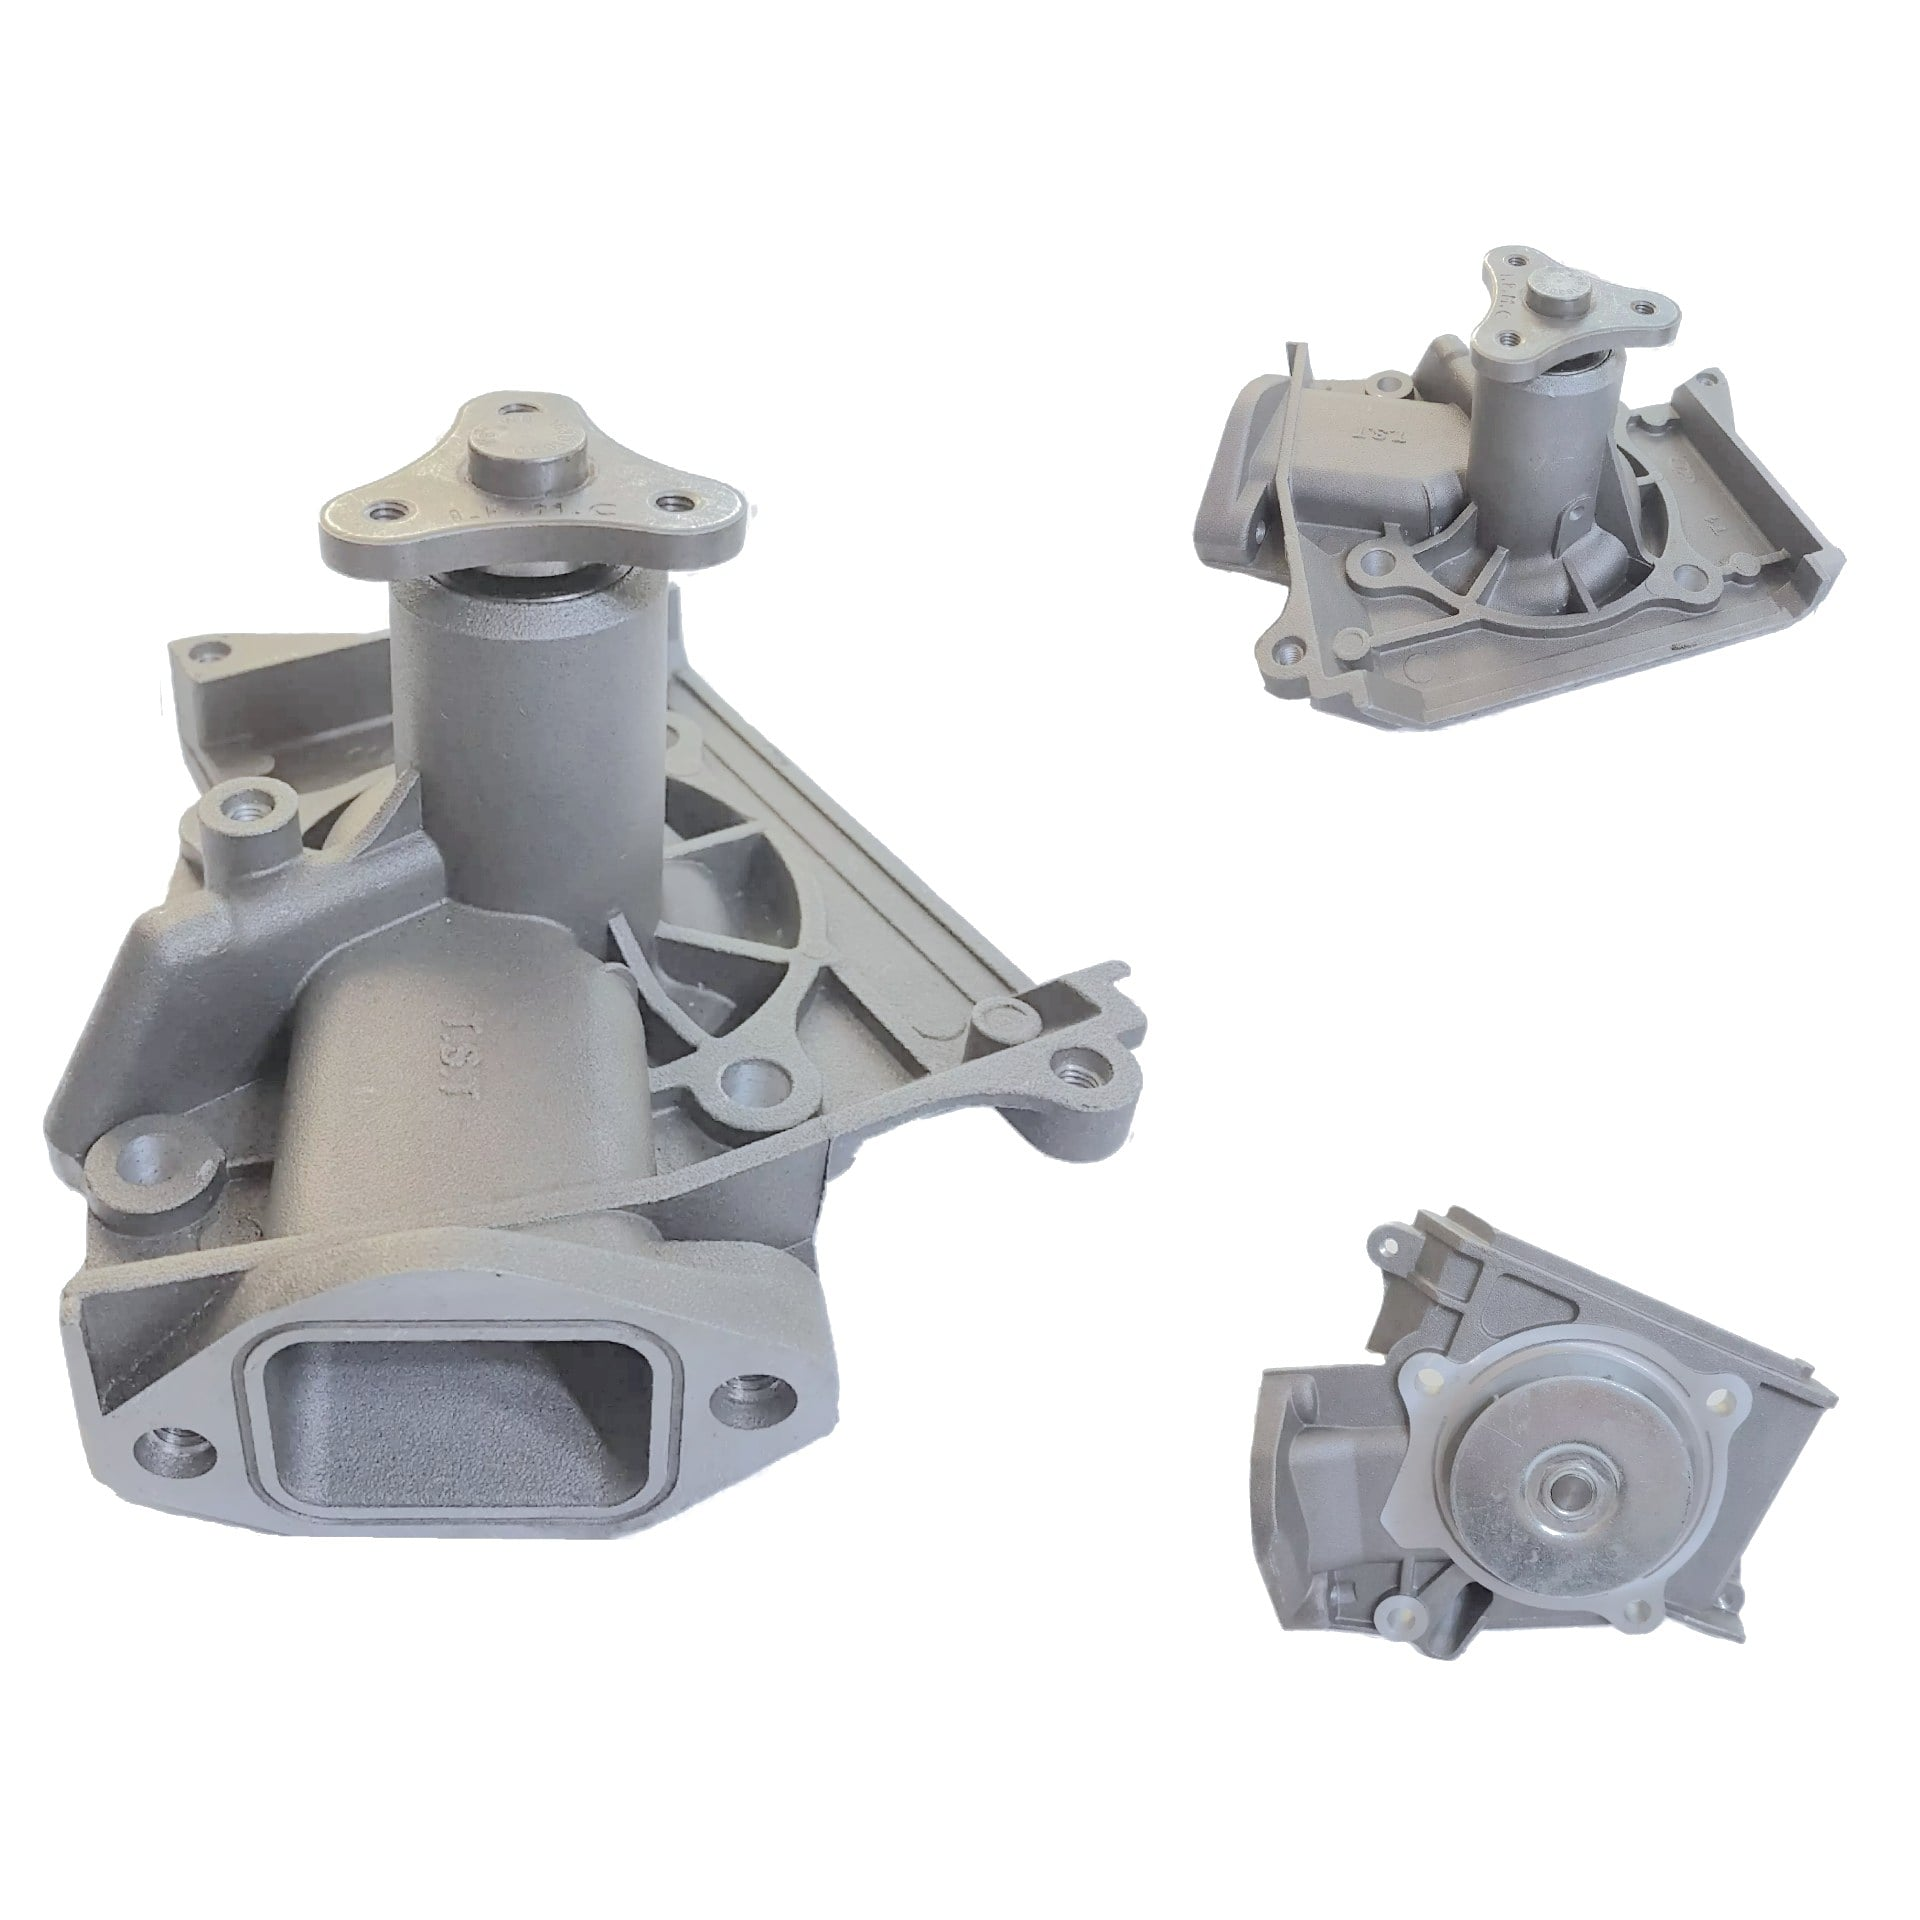 تولید و فروش قطعات انواع تراکتور